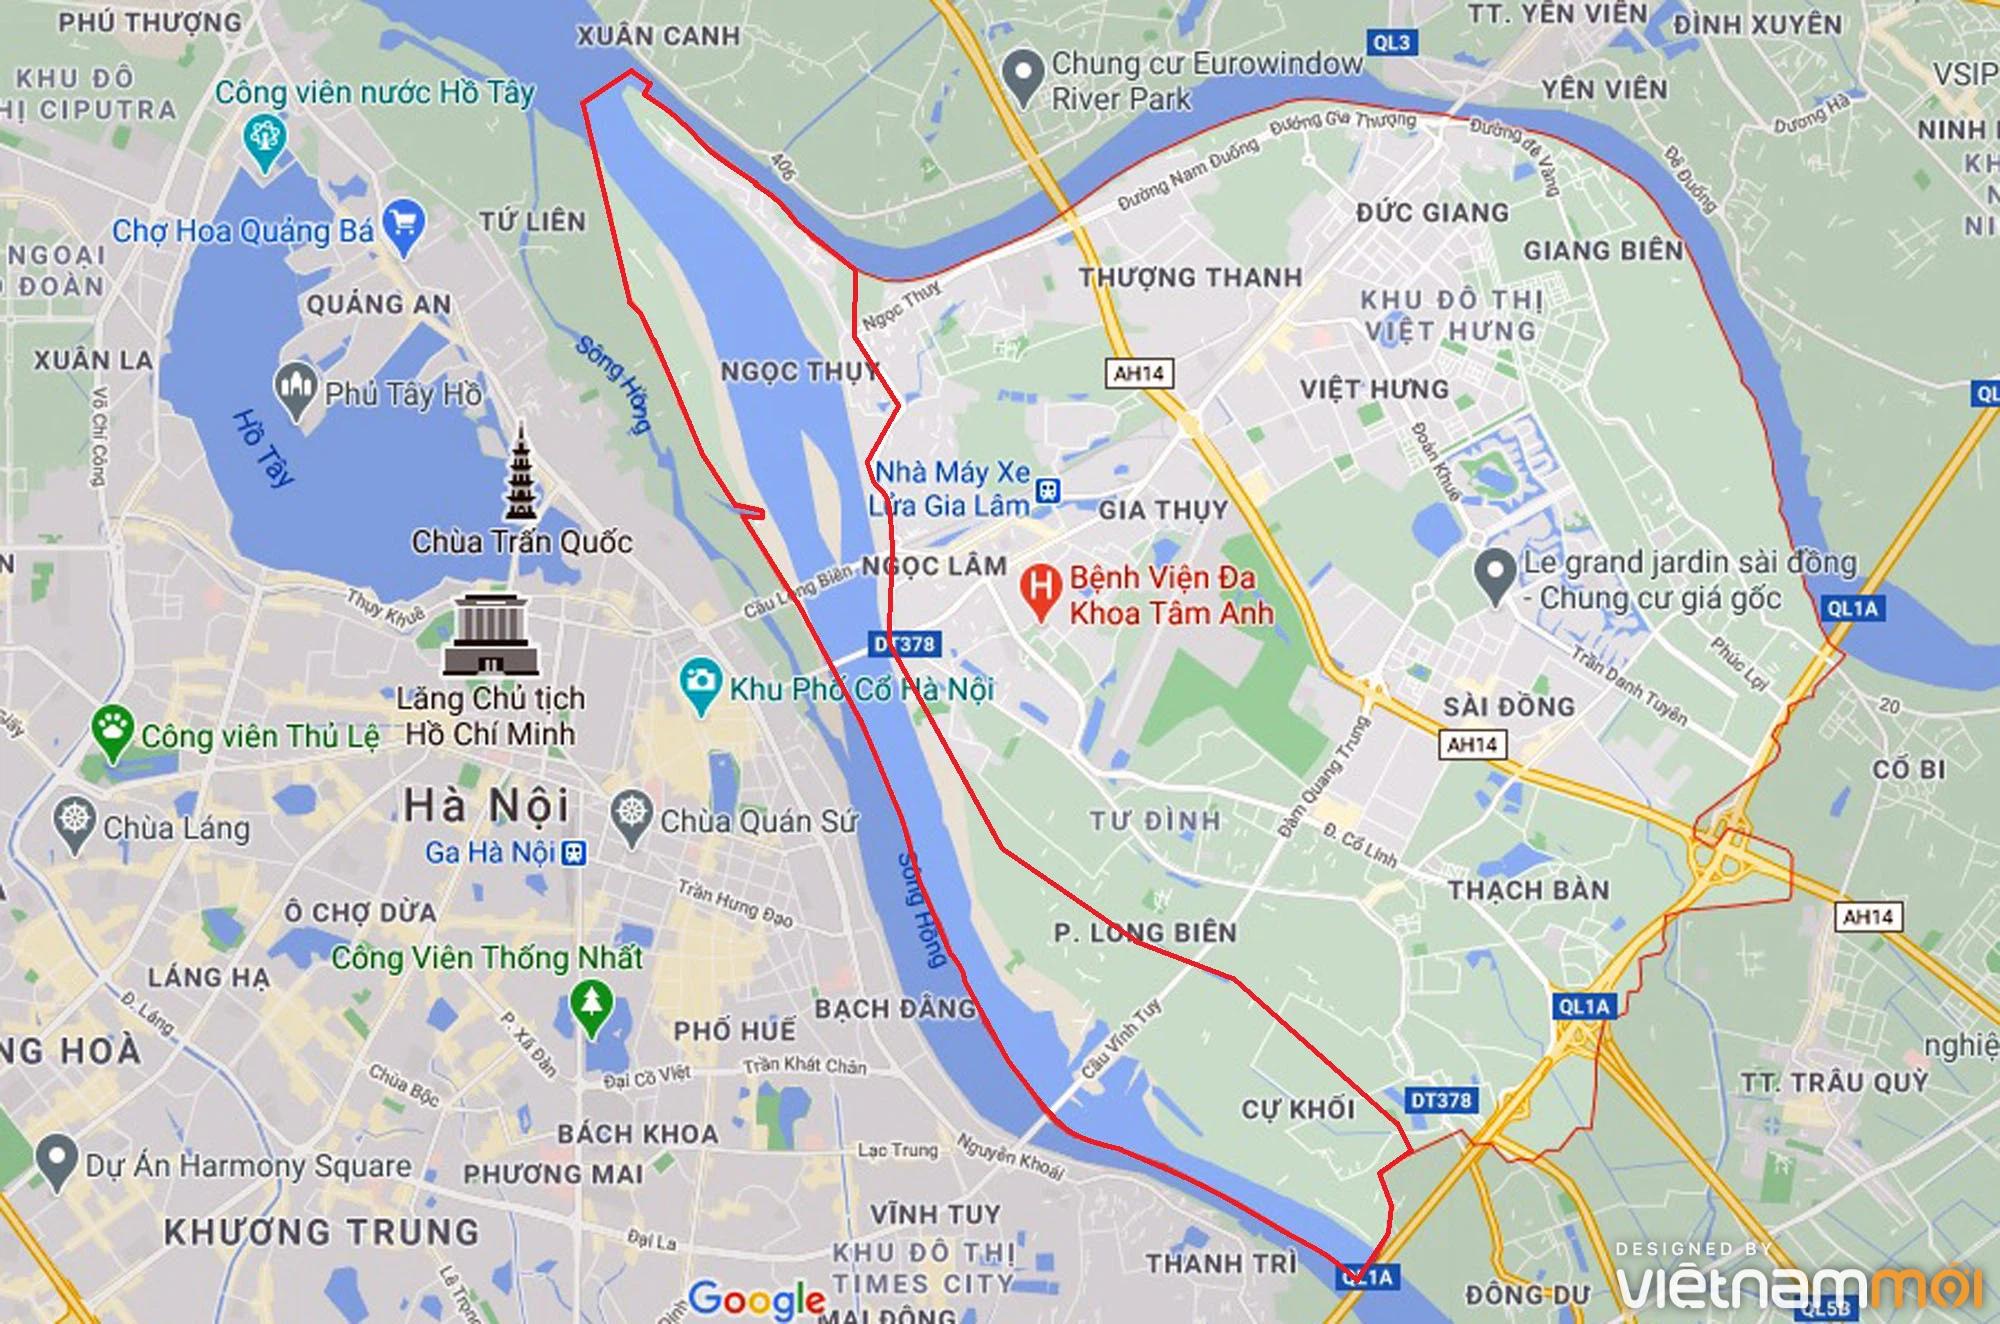 Toàn cảnh hiện trạng Phân khu đô thị sông Hồng trên địa bàn quận Long Biên - Ảnh 1.